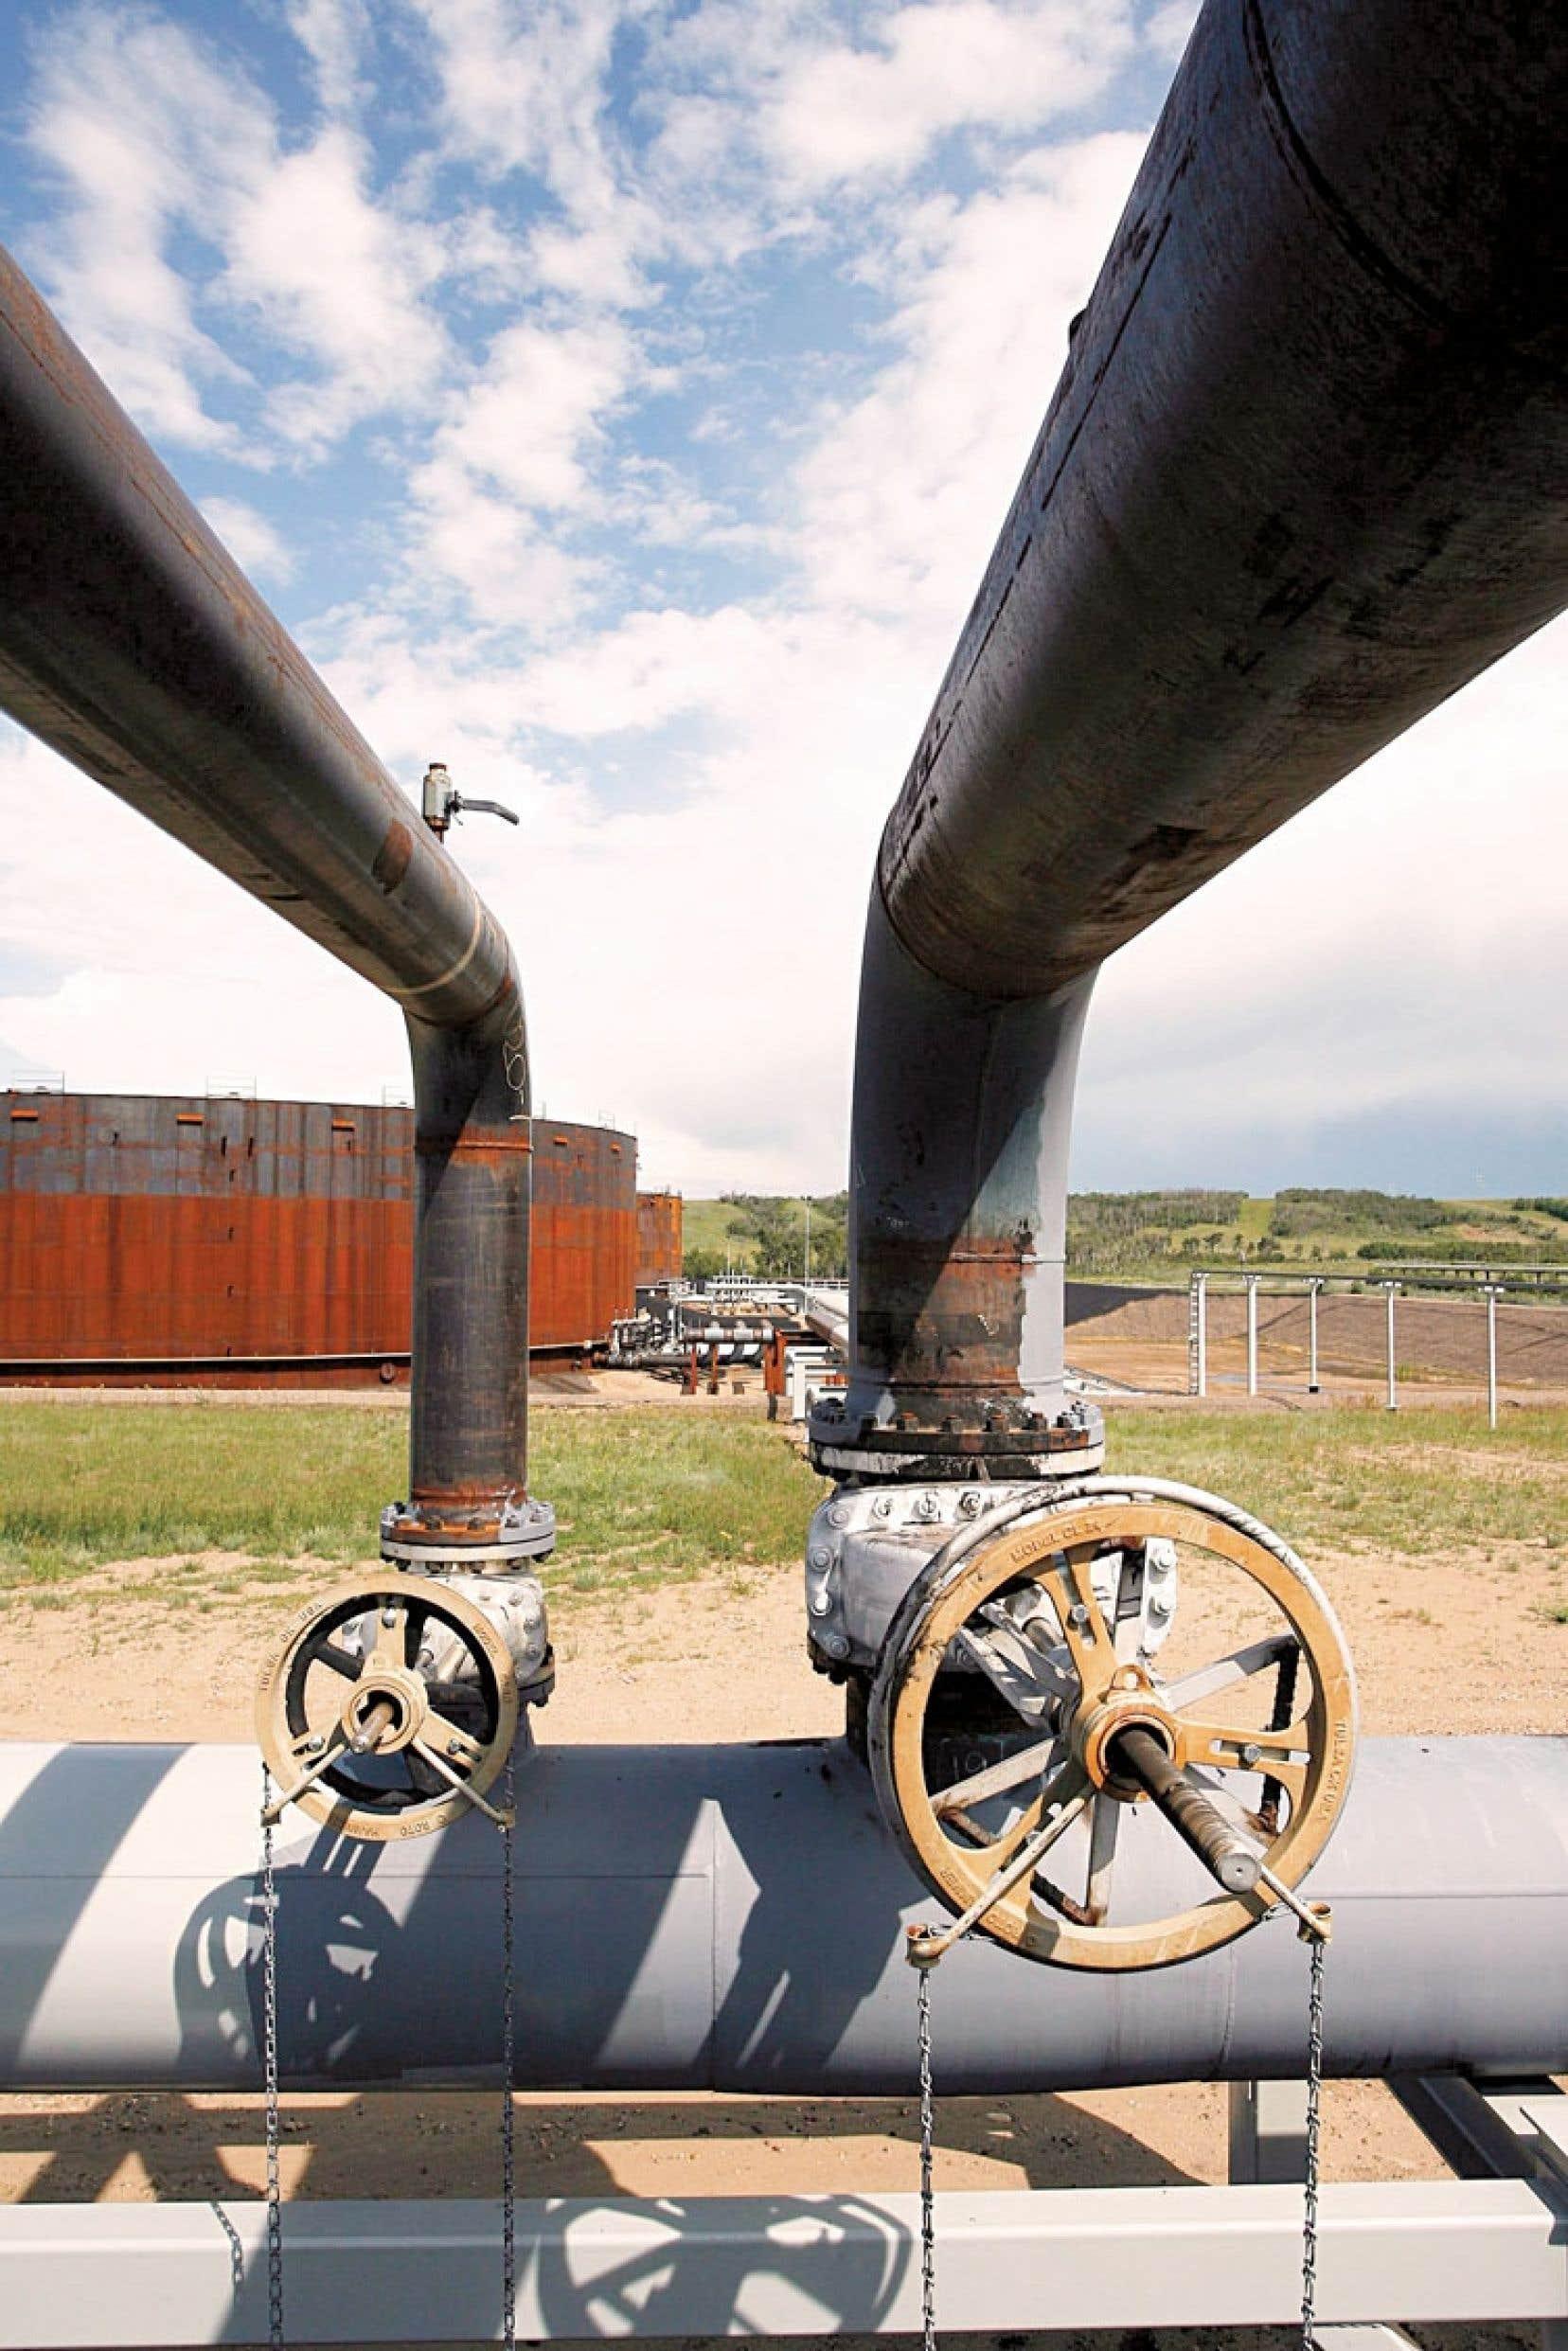 Enbridge pourrait se voir forcée de se doter d'un « plan de garantie financière » pour couvrir tous les frais d'un éventuel désastre environnemental.